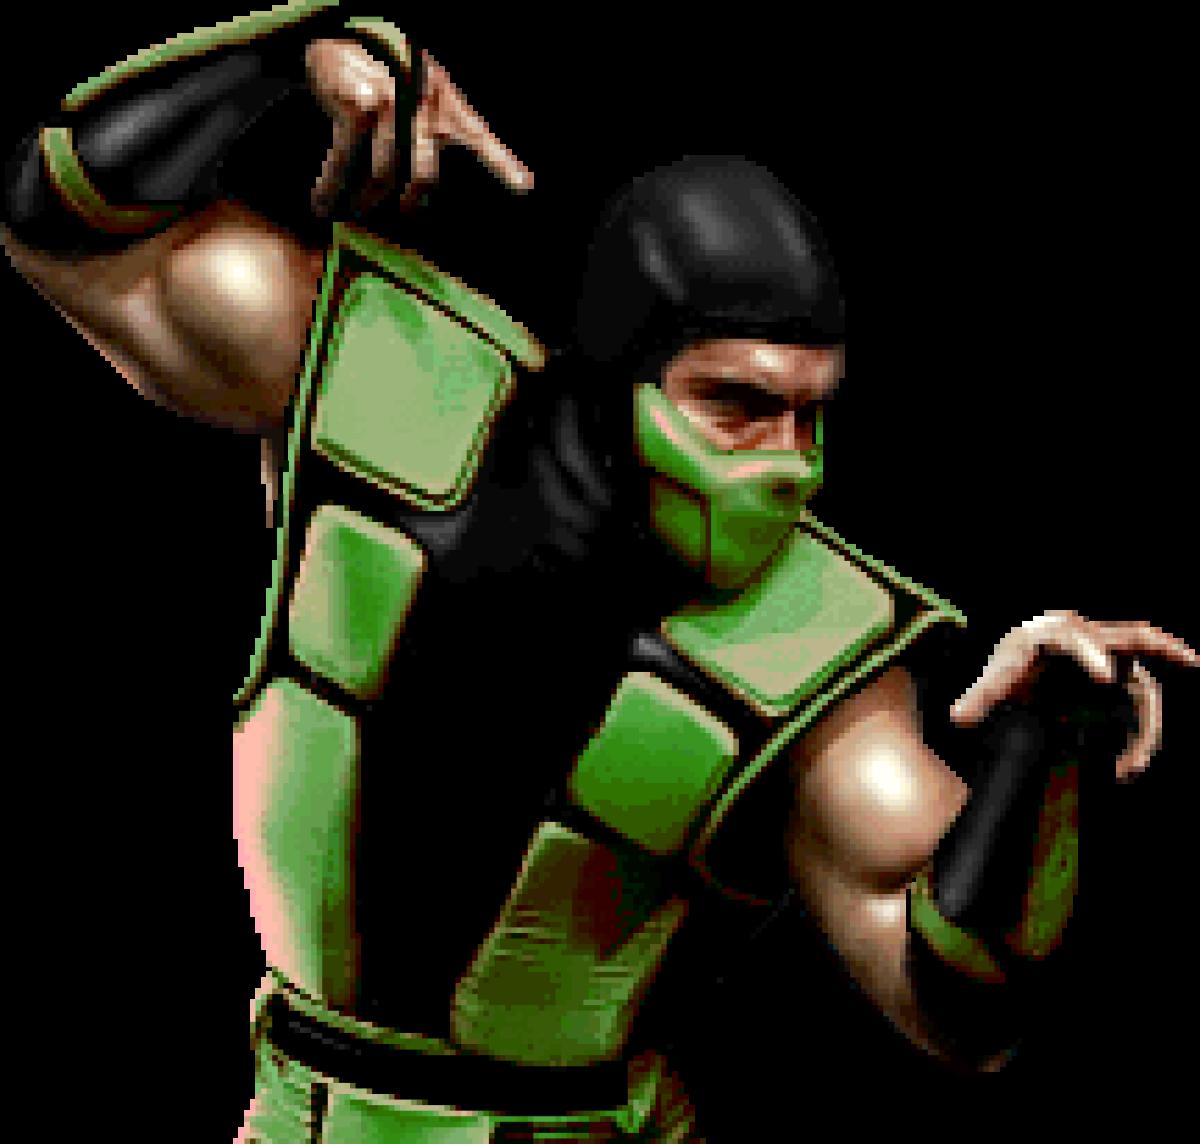 Mortal Kombat clipart #14, Download drawings